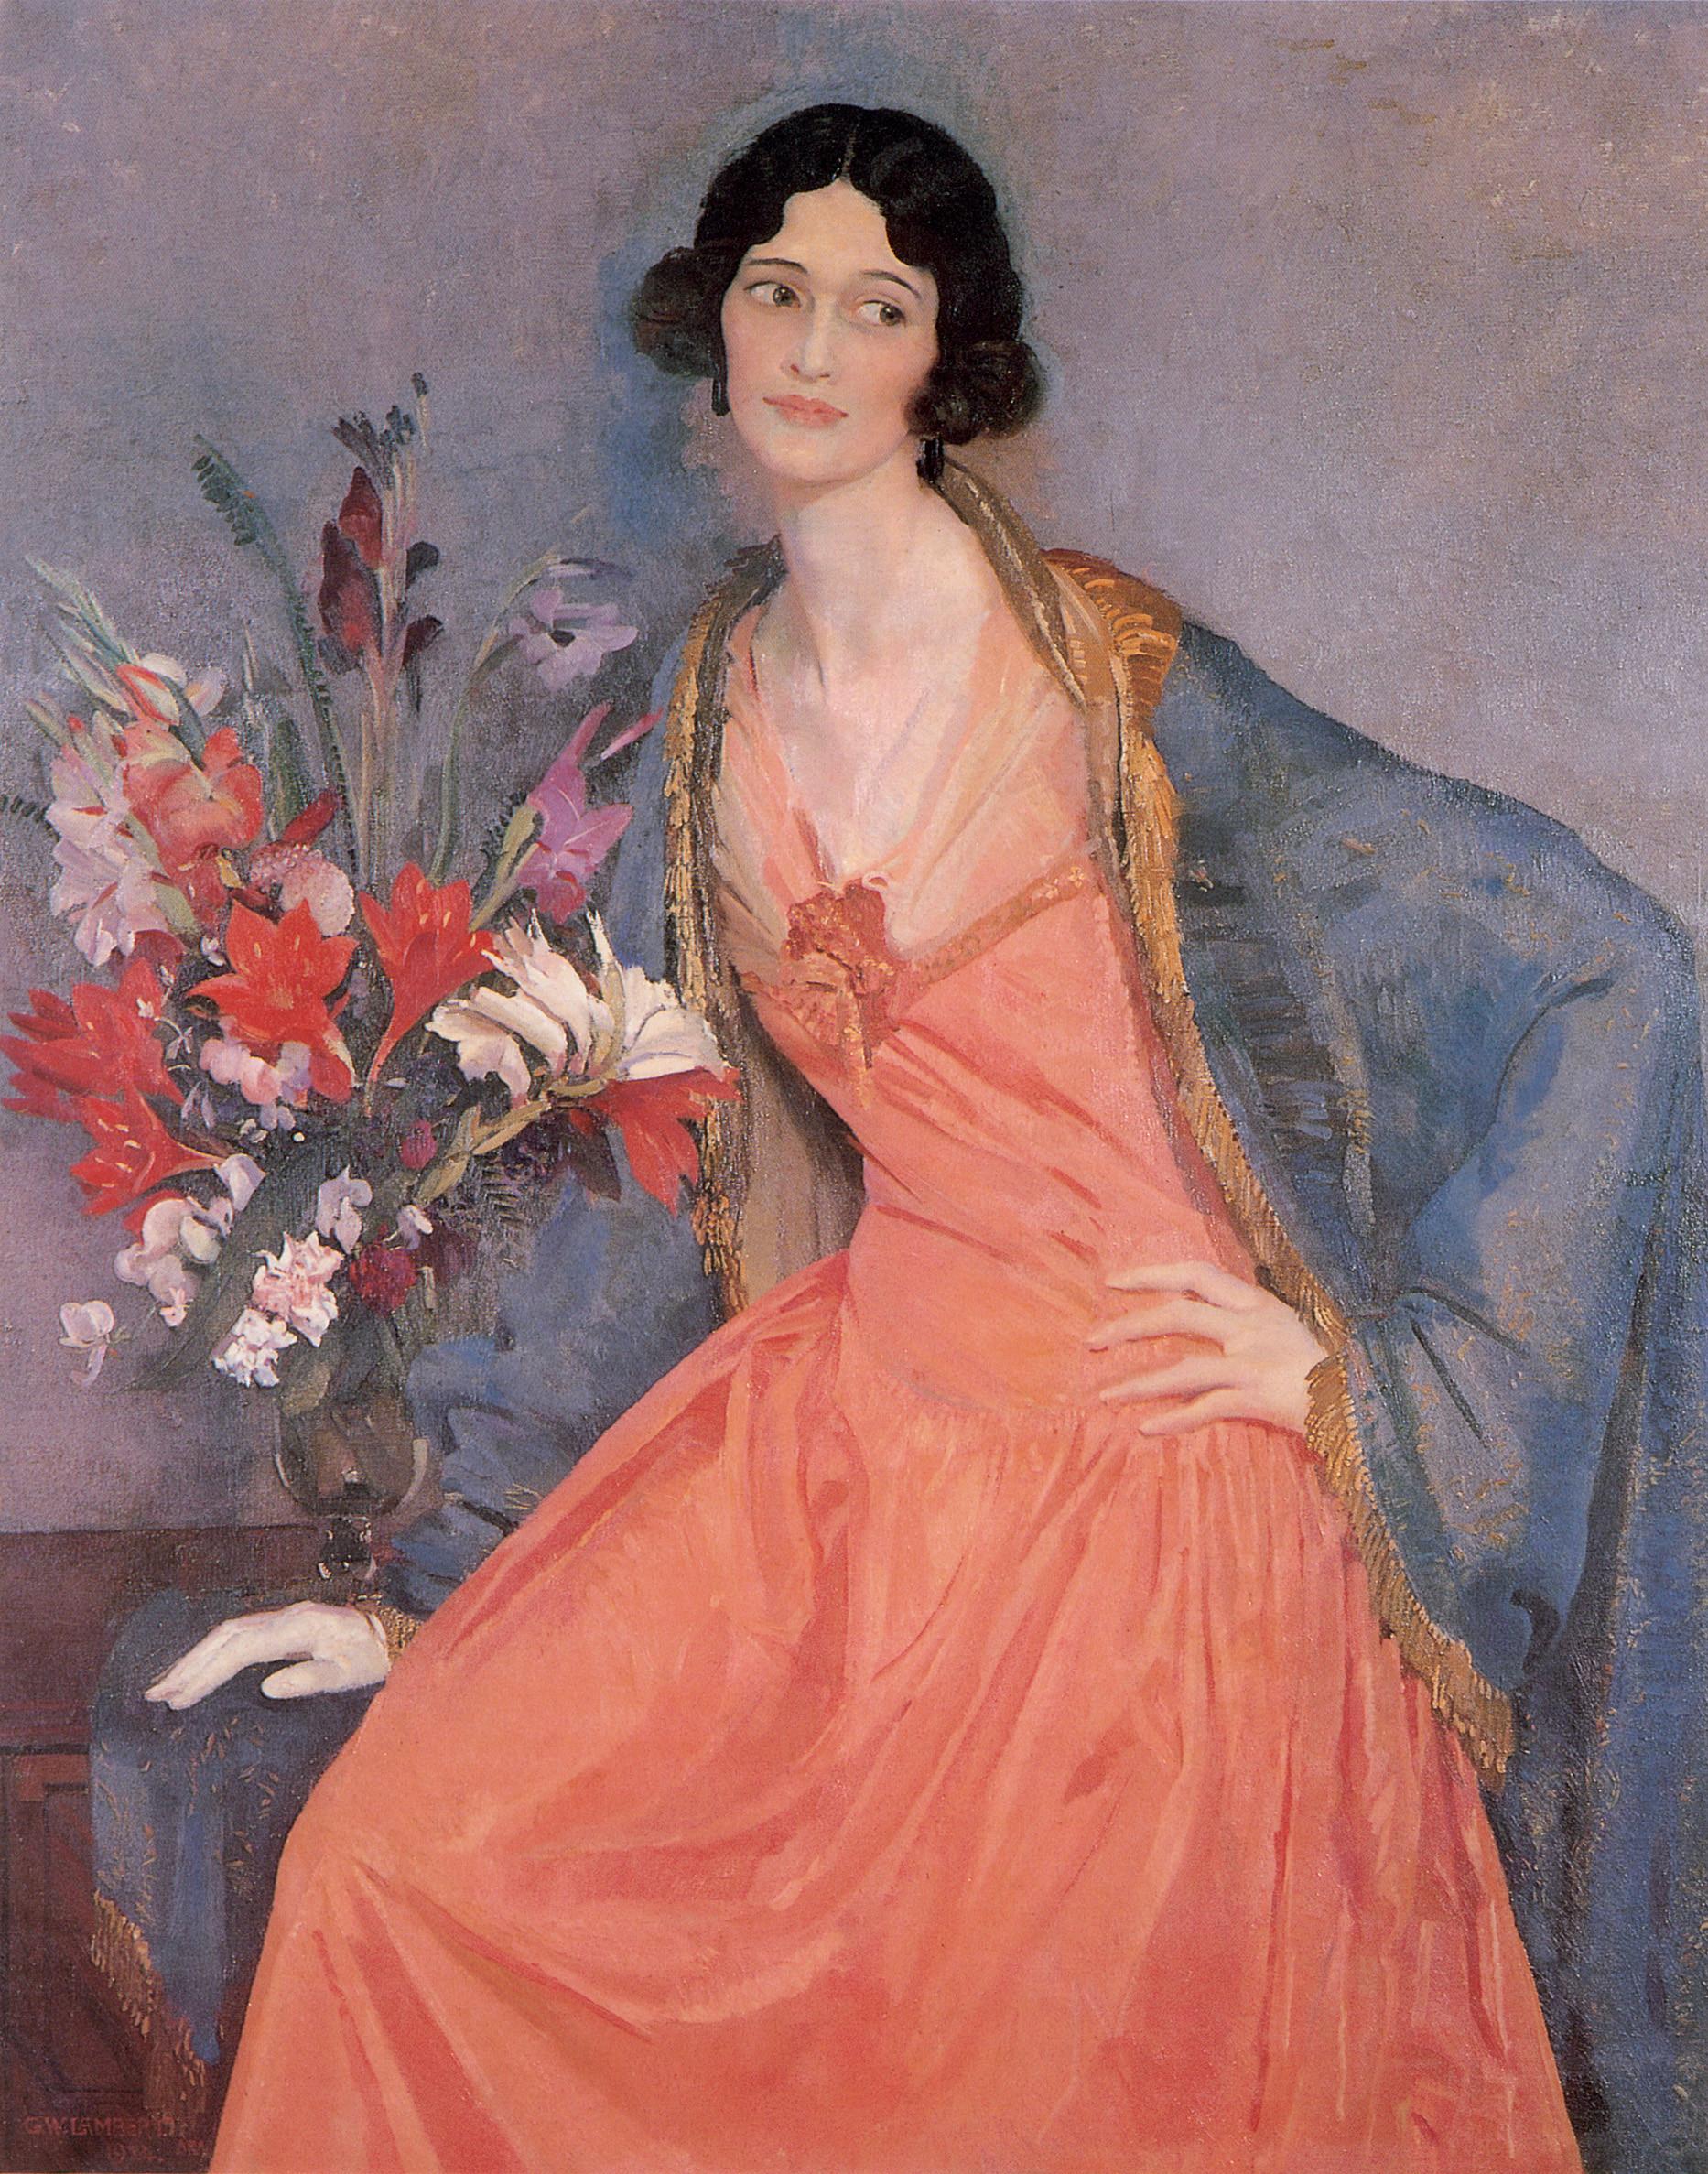 Lambert Hera